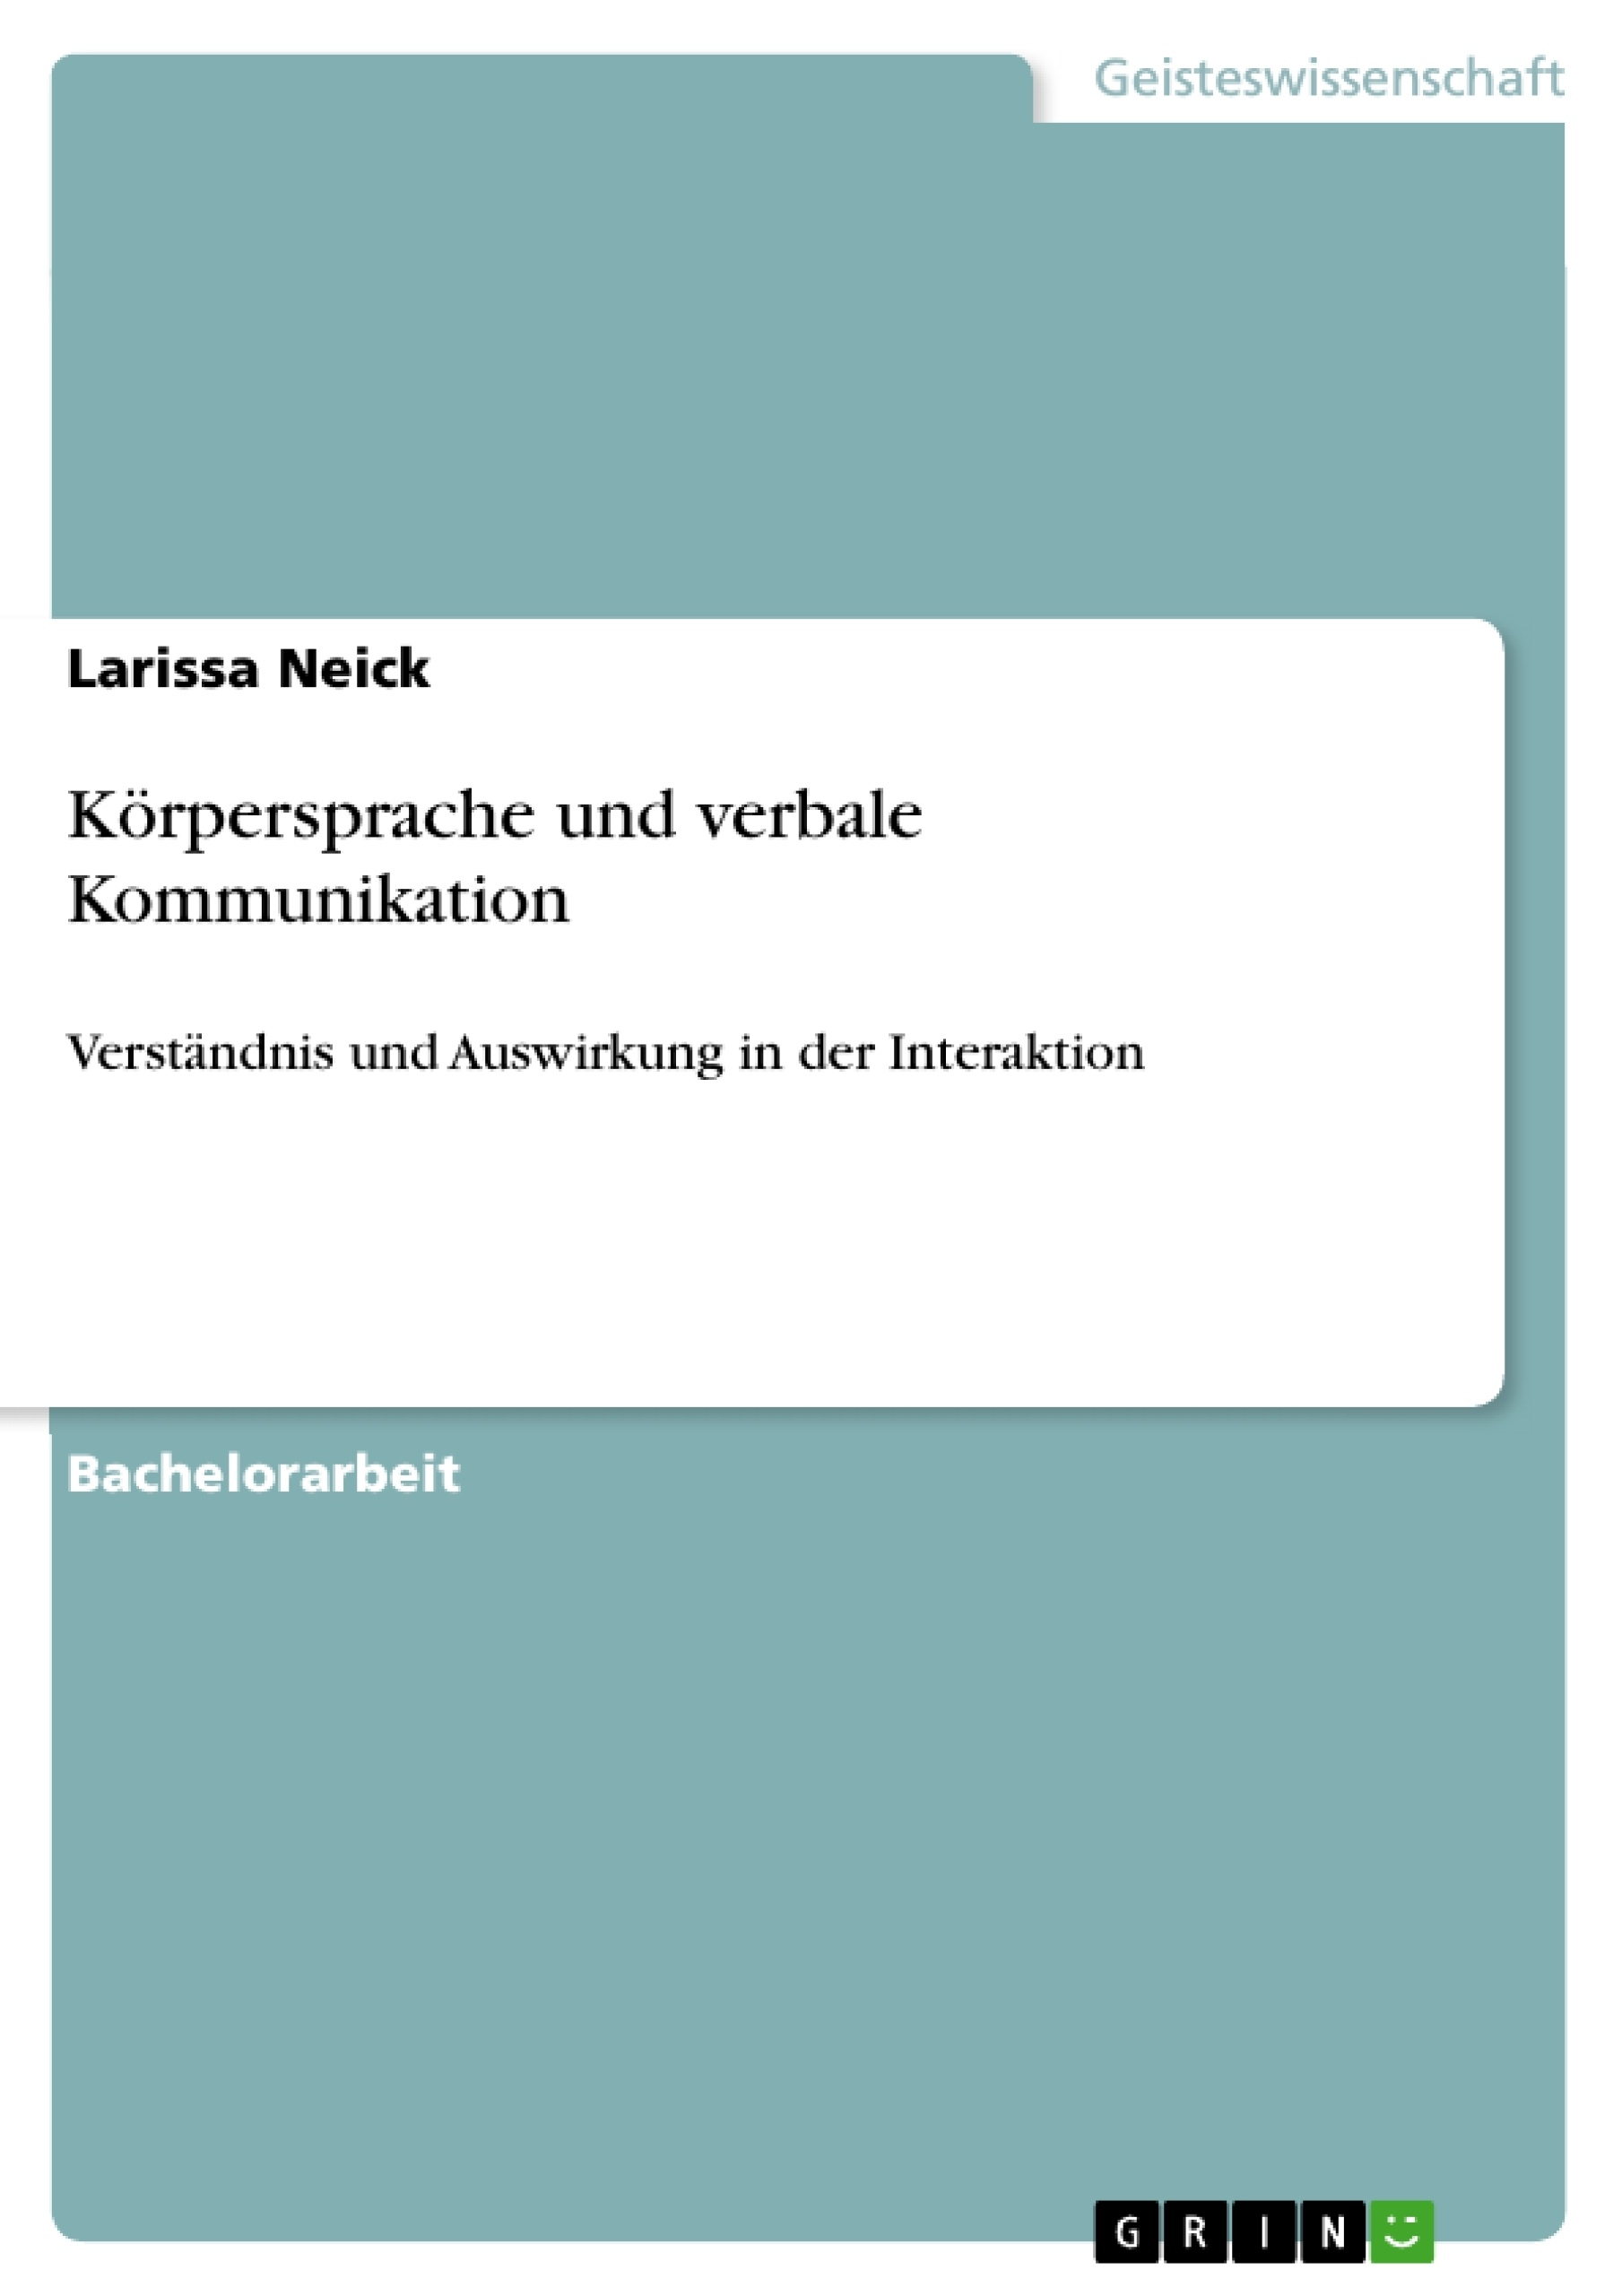 Titel: Körpersprache und verbale Kommunikation